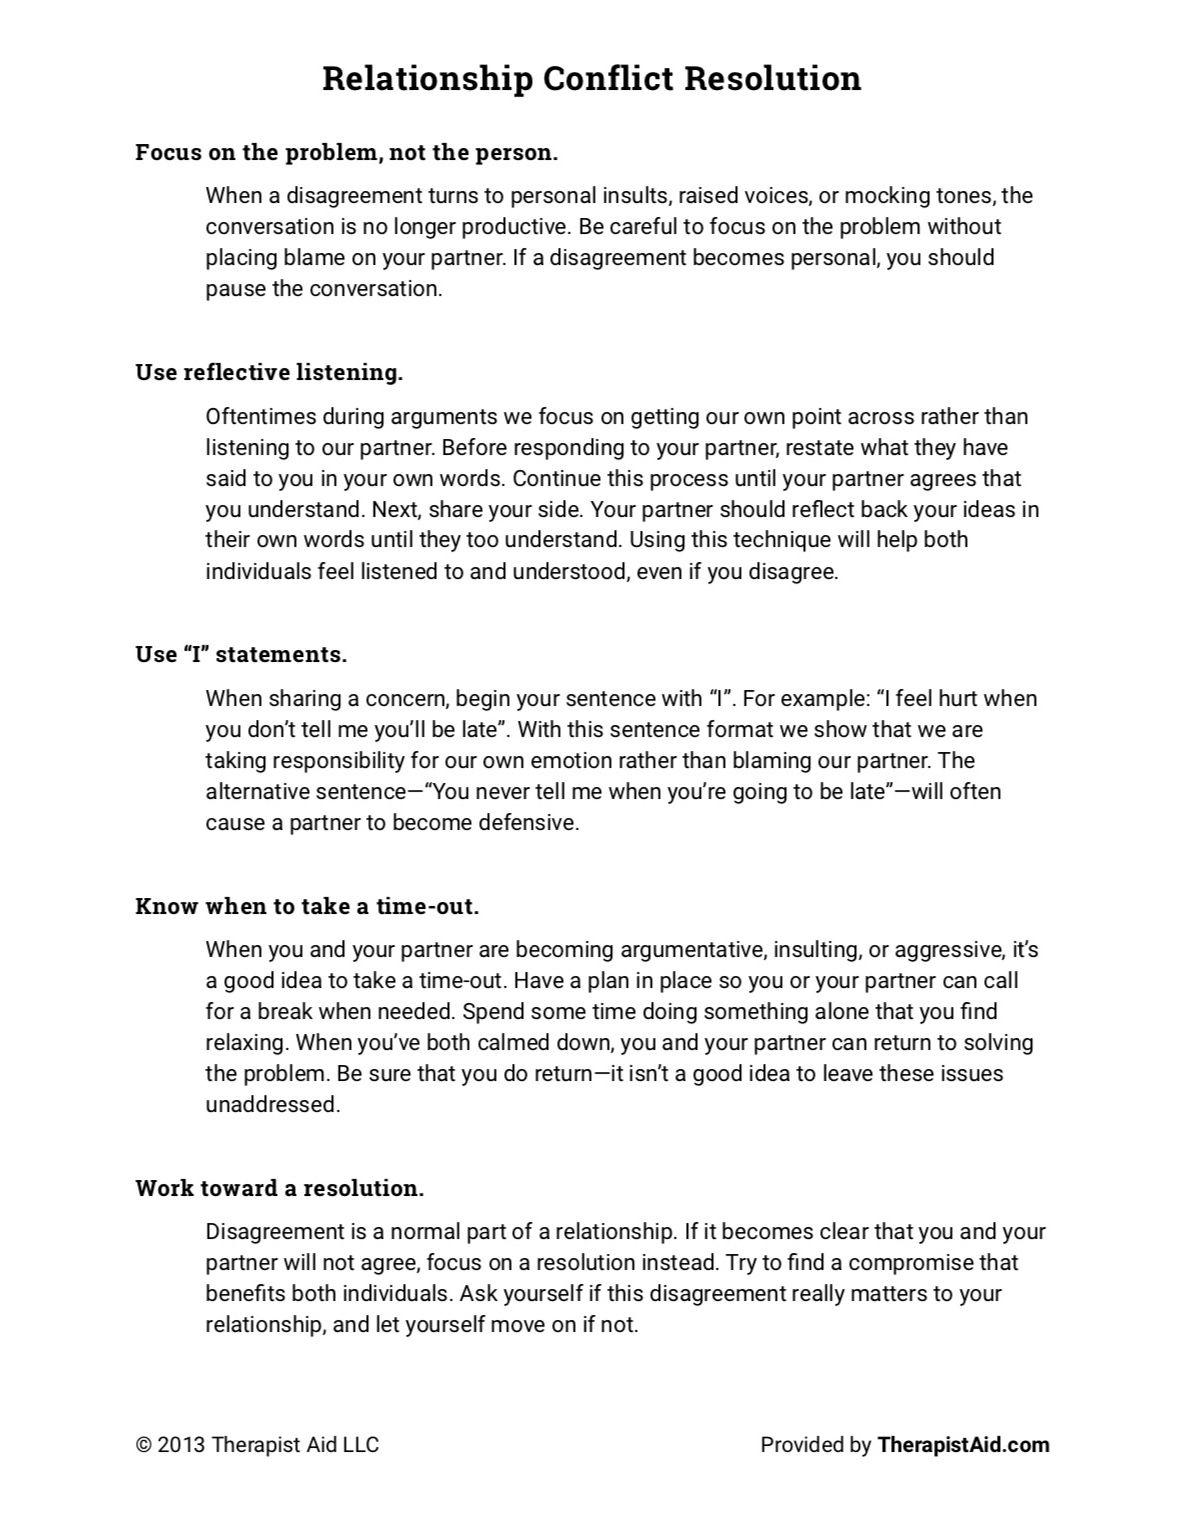 Relationship Conflict Resolution Worksheet